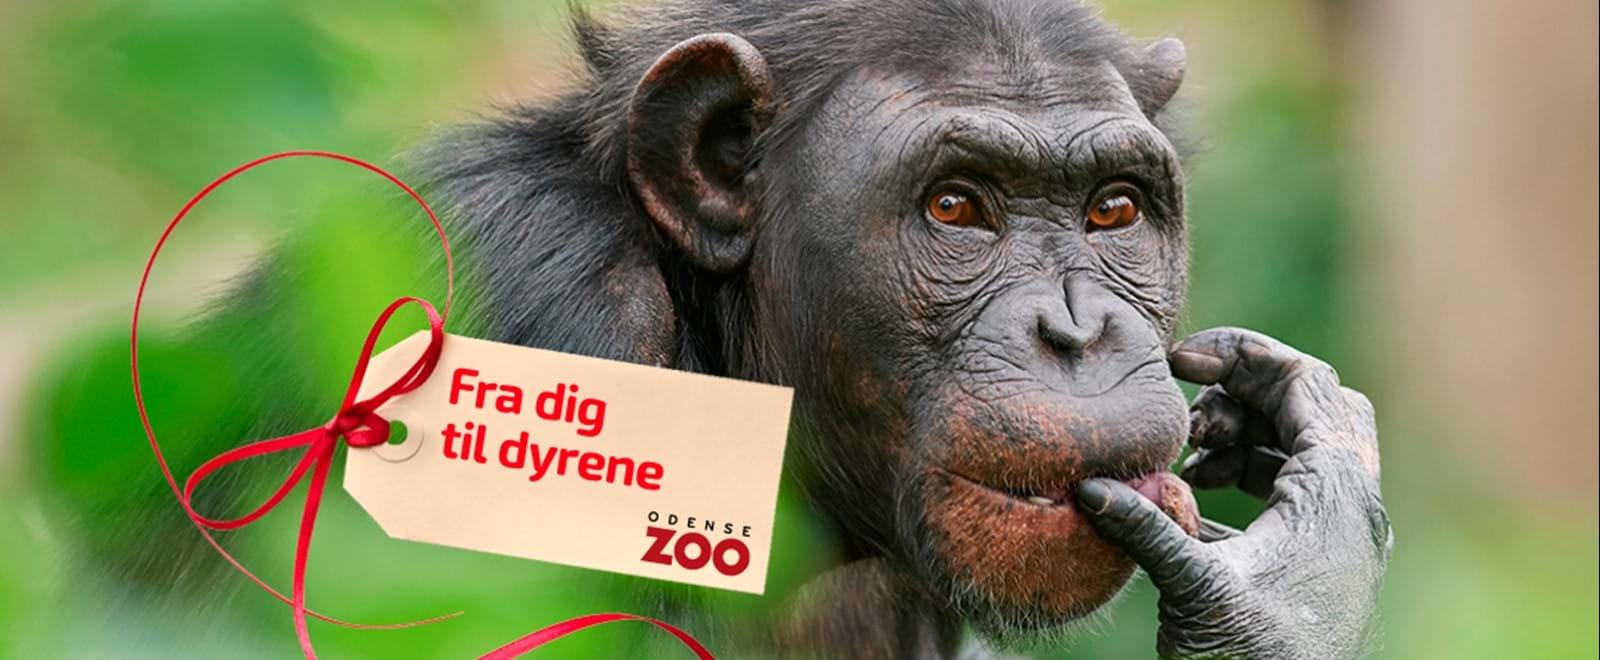 Zoo årskort gavekort campingpladser jylland billig